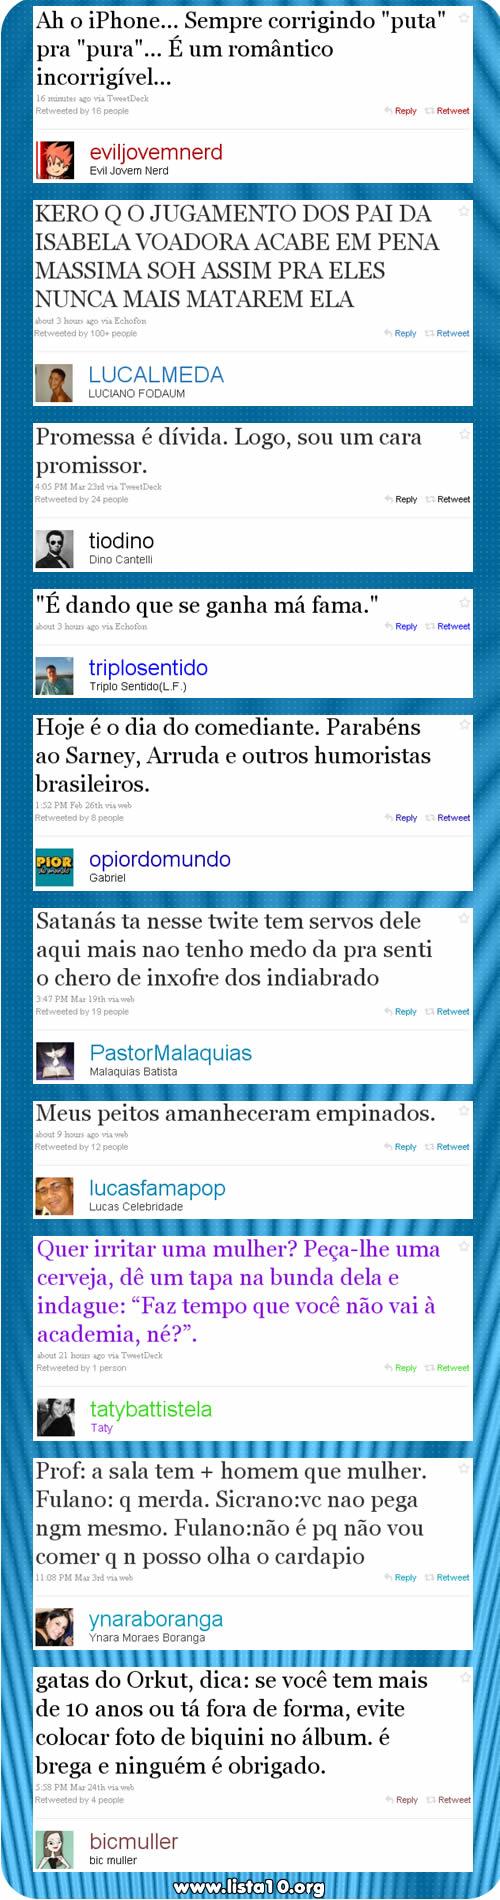 twittadas1